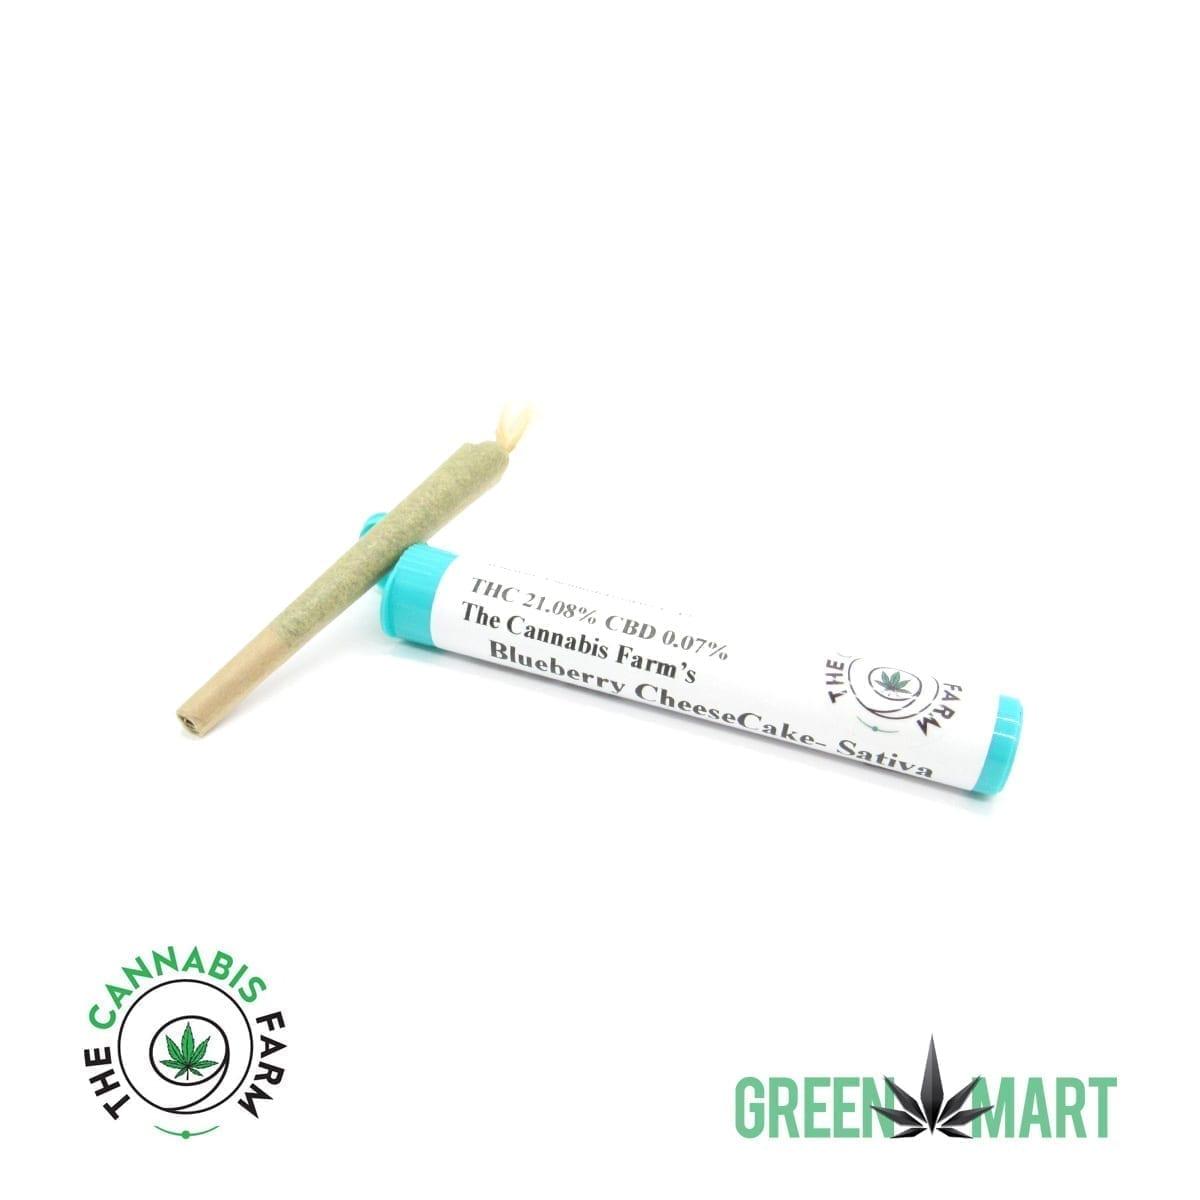 The Cannabis Farm 1g Pre-roll - Blueberry Cheesecake